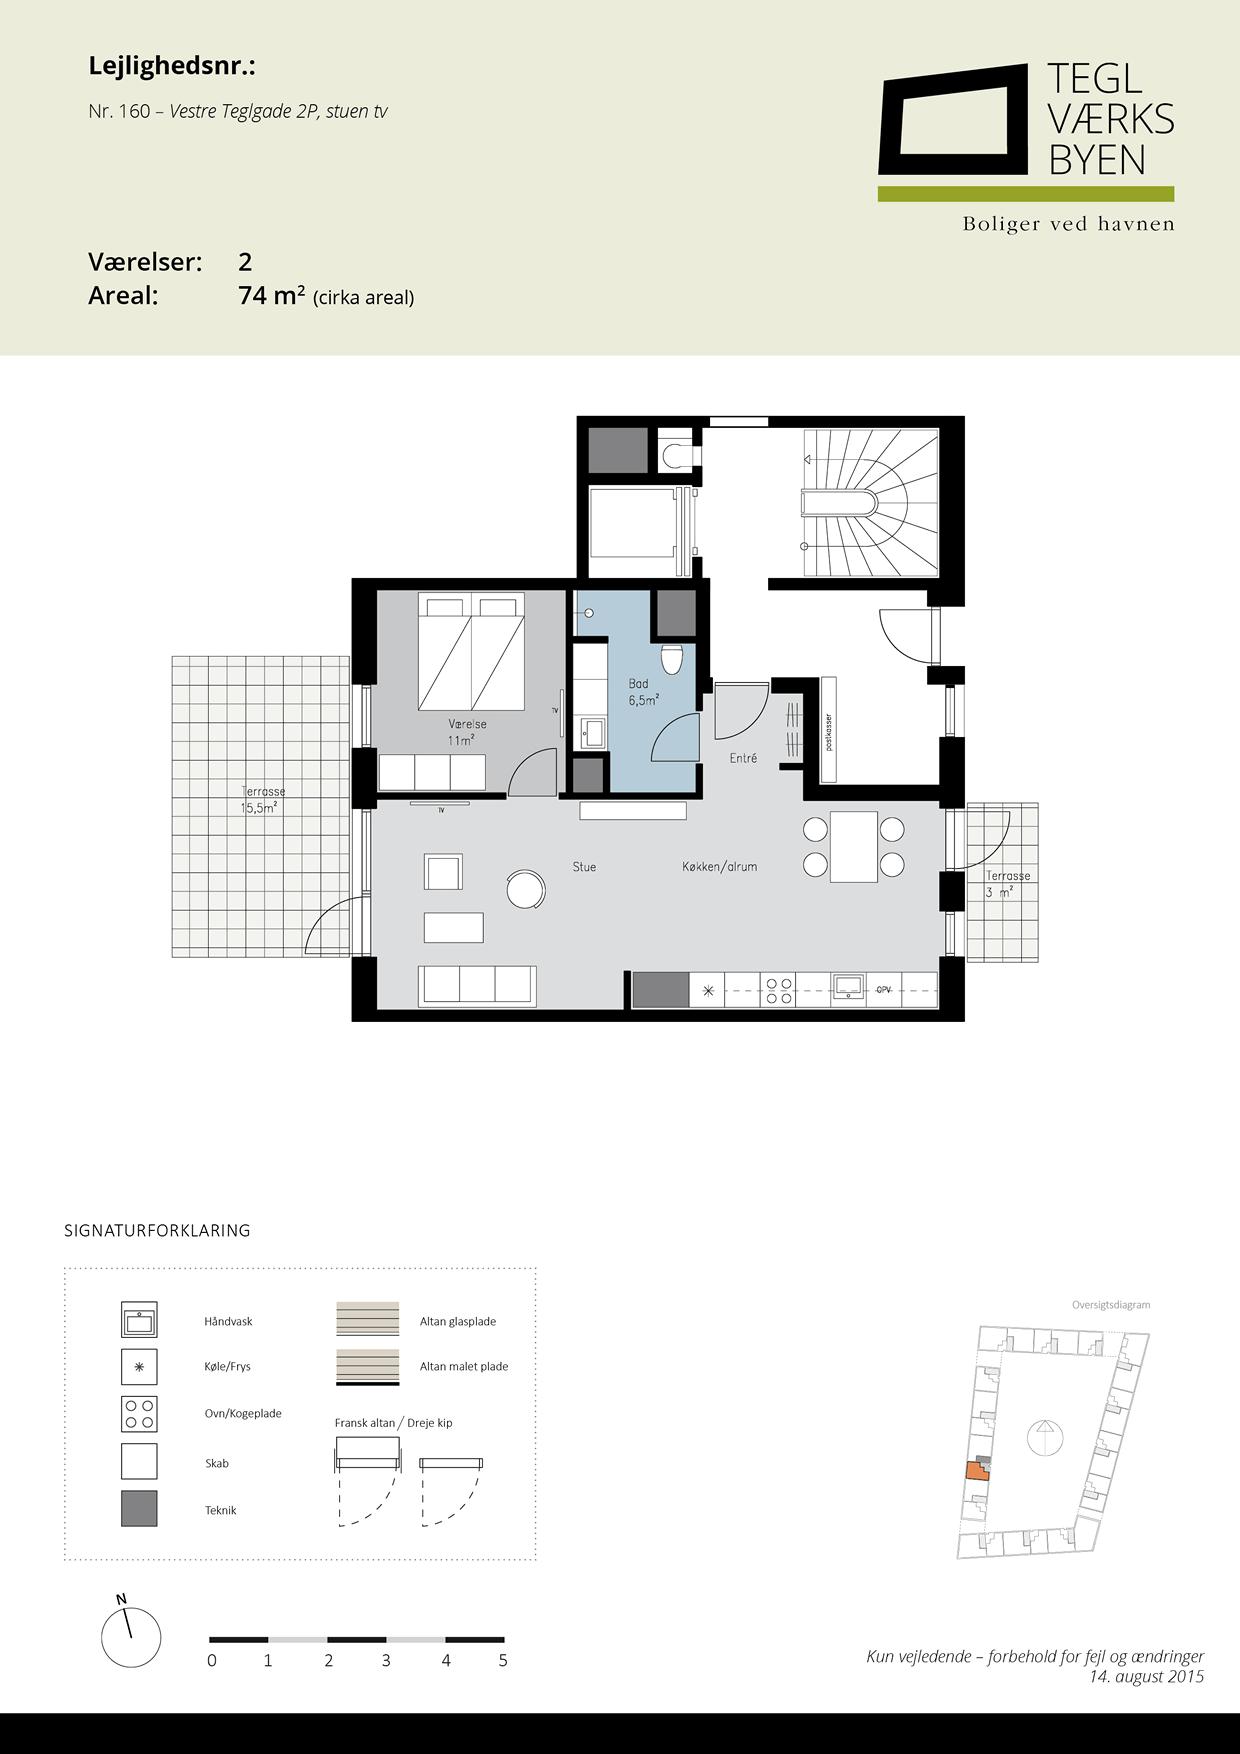 Teglvaerksbyen_160_plan